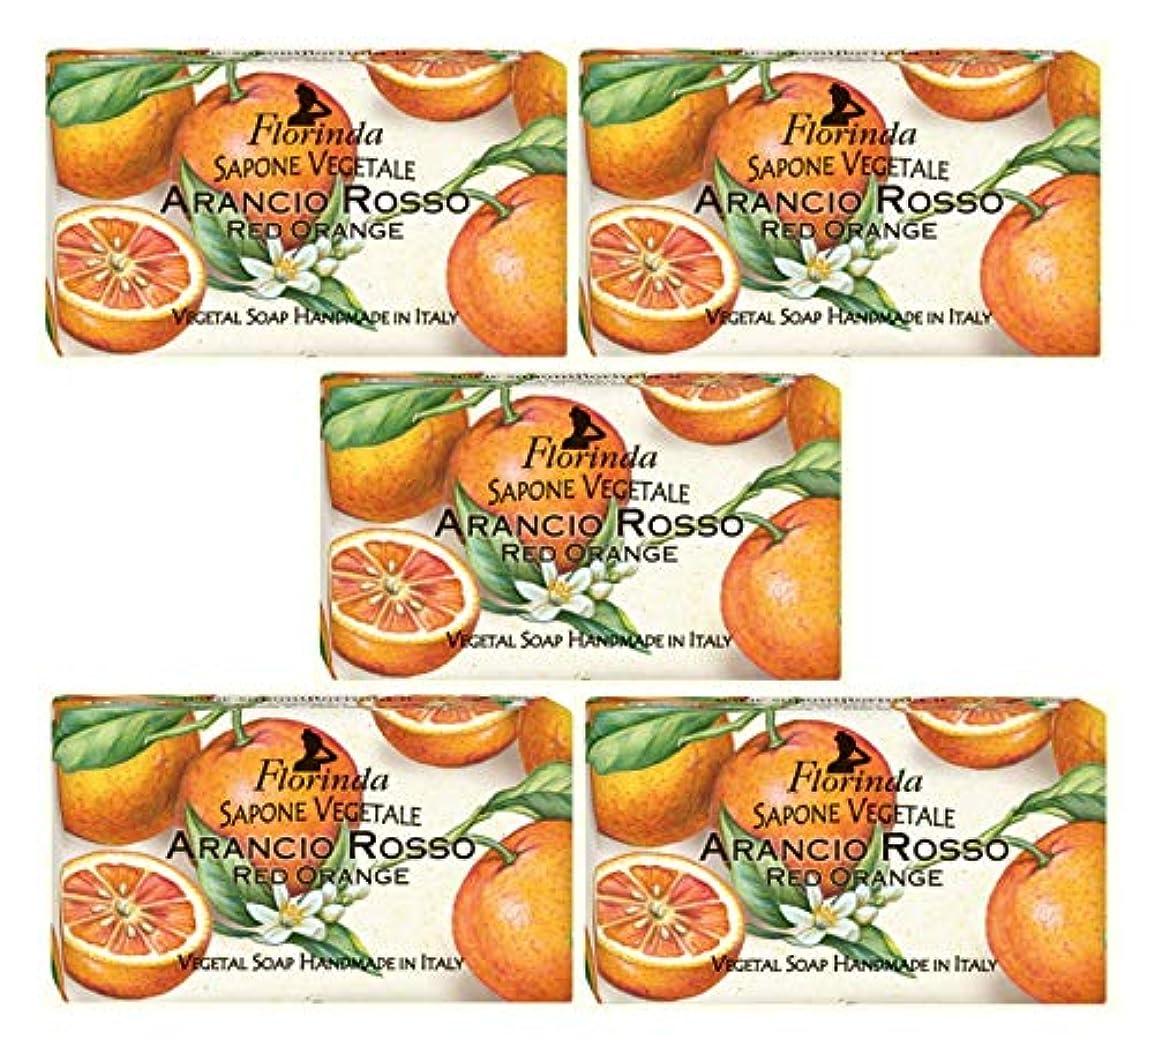 最初に保守的統計的フロリンダ フレグランスソープ 固形石けん フルーツの香り レッドオレンジ 95g×5個セット